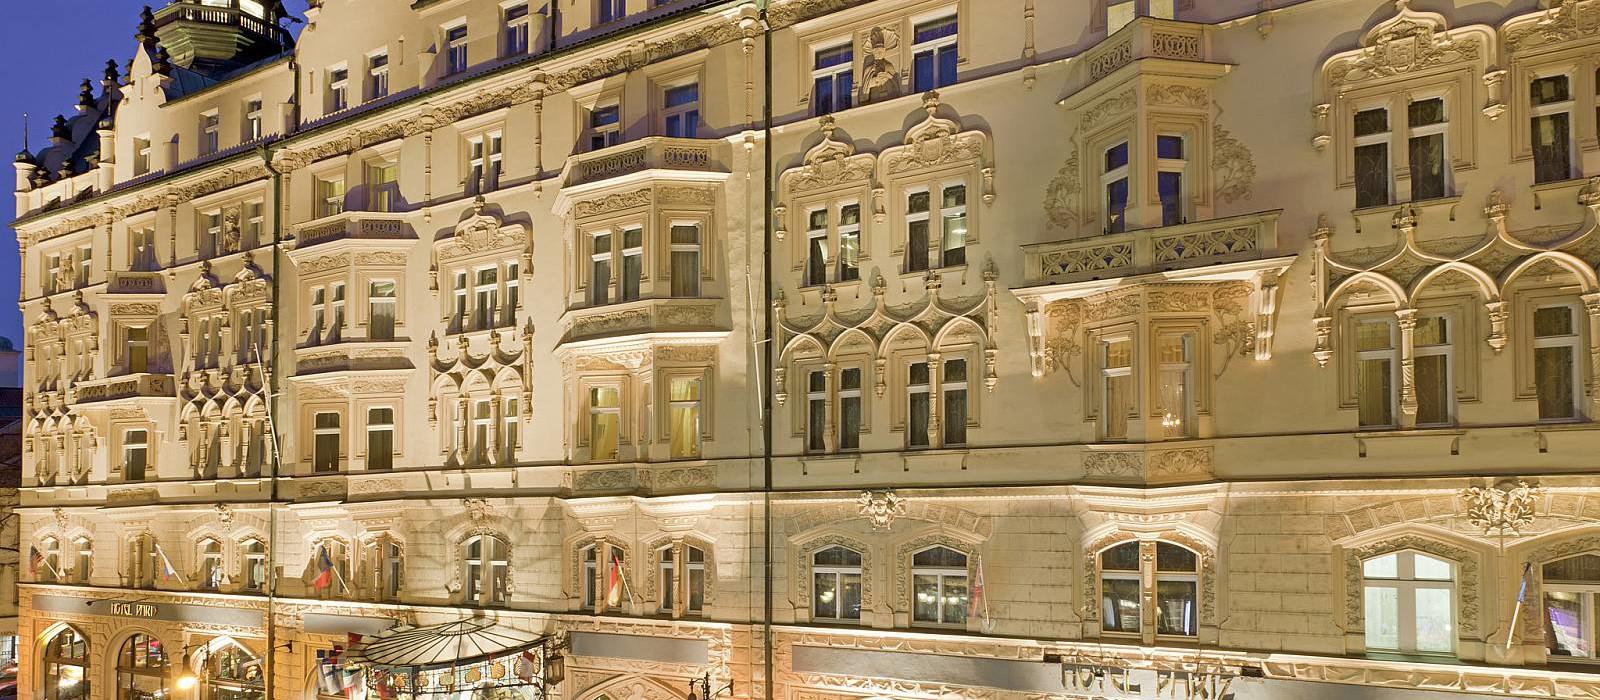 Hotel  Paris European Cities